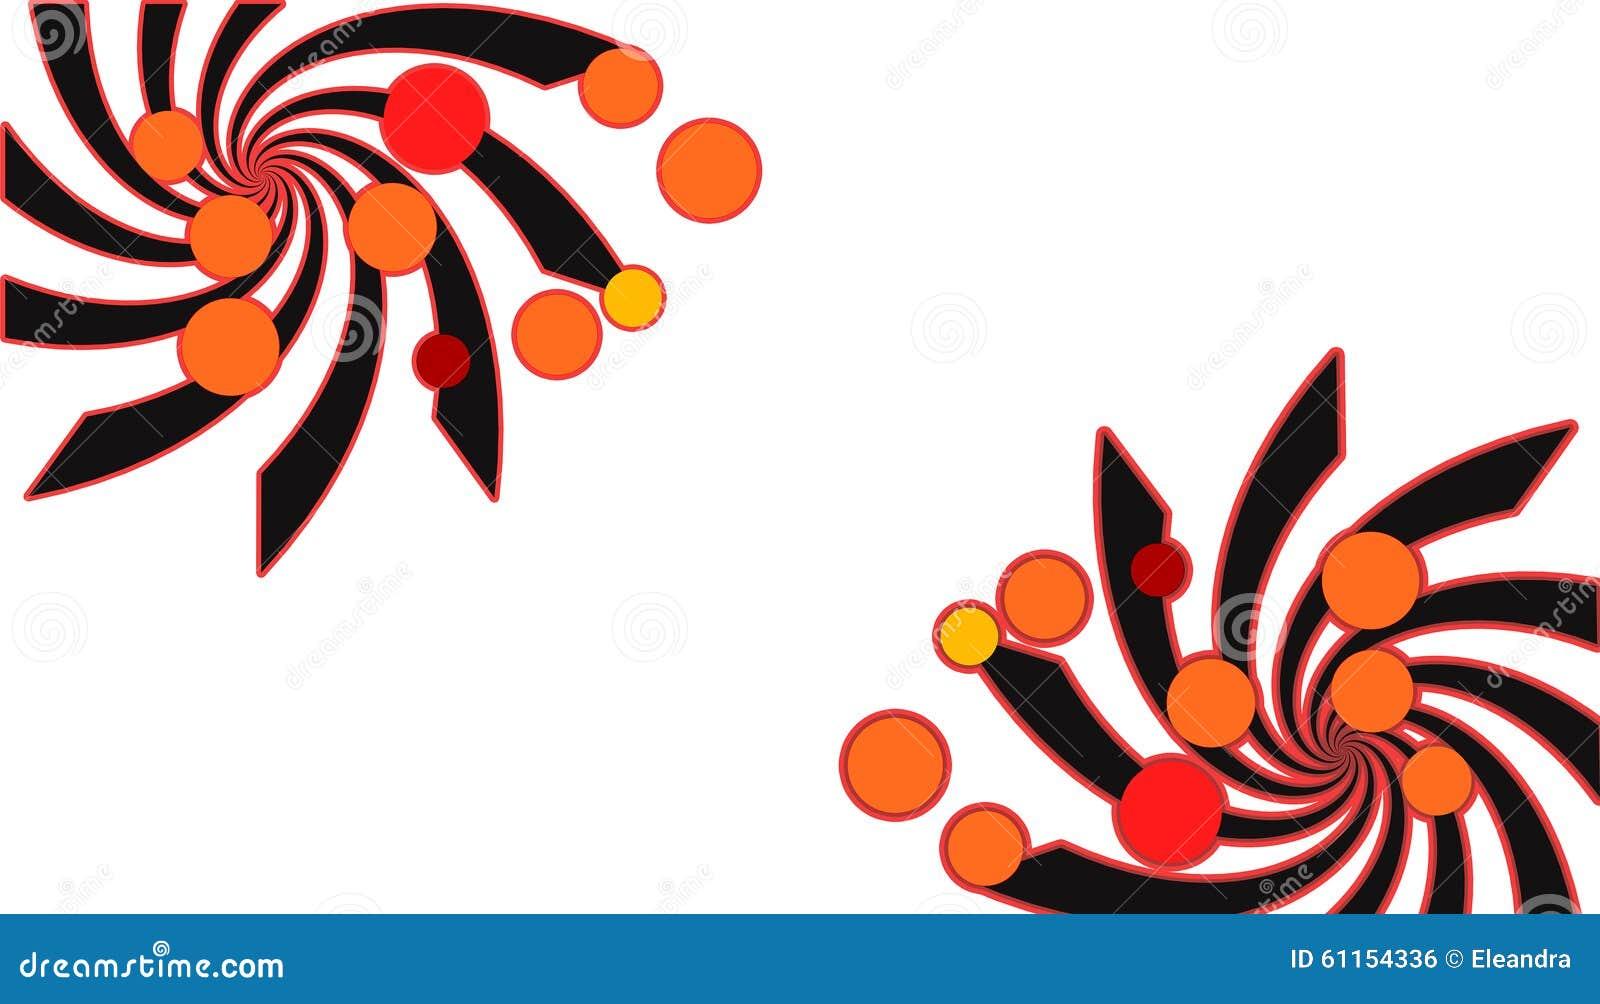 Spirales et cercles